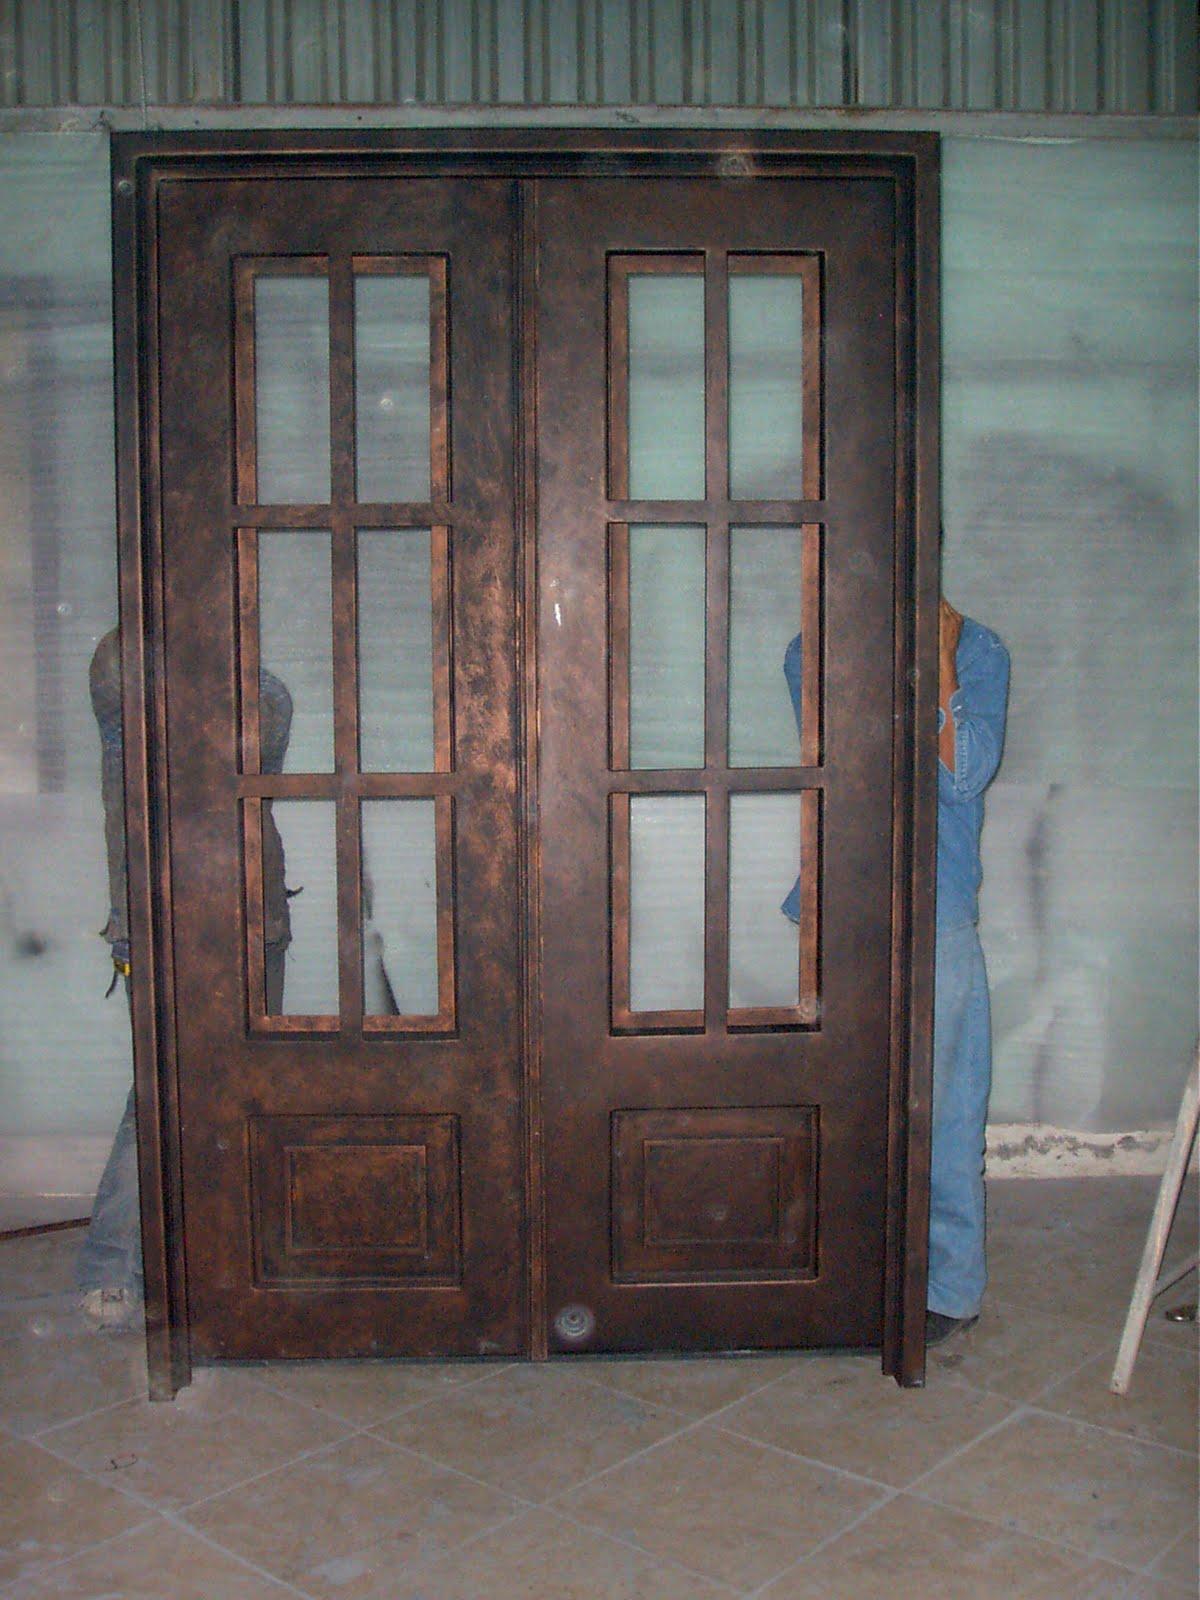 Regio protectores for Puertas y ventanas de hierro antiguas